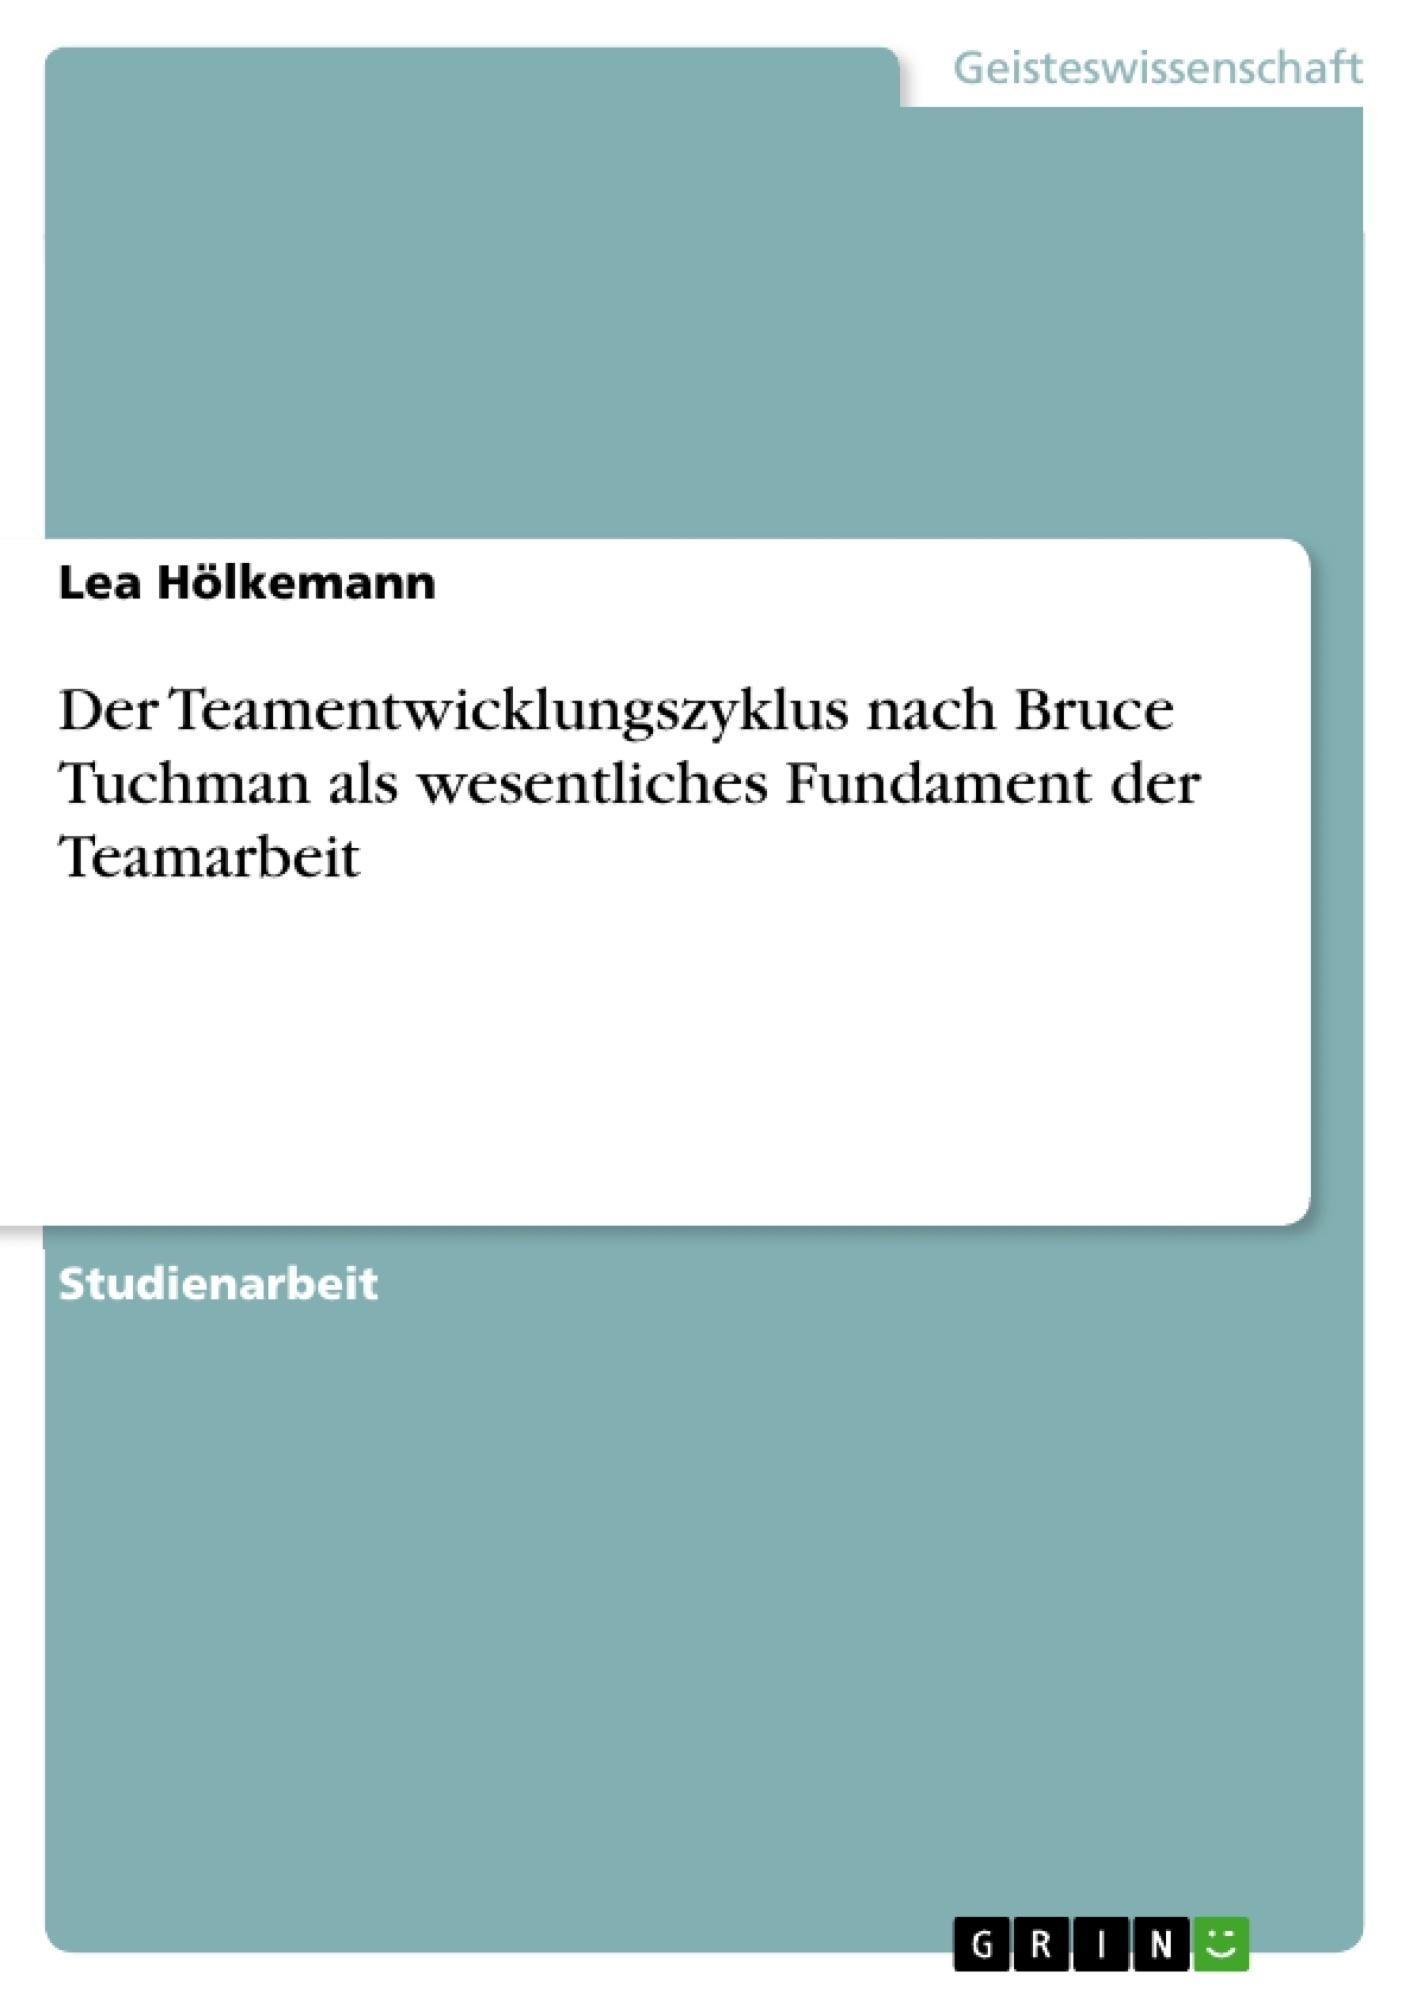 Titel: Der Teamentwicklungszyklus nach Bruce Tuchman als wesentliches Fundament der Teamarbeit